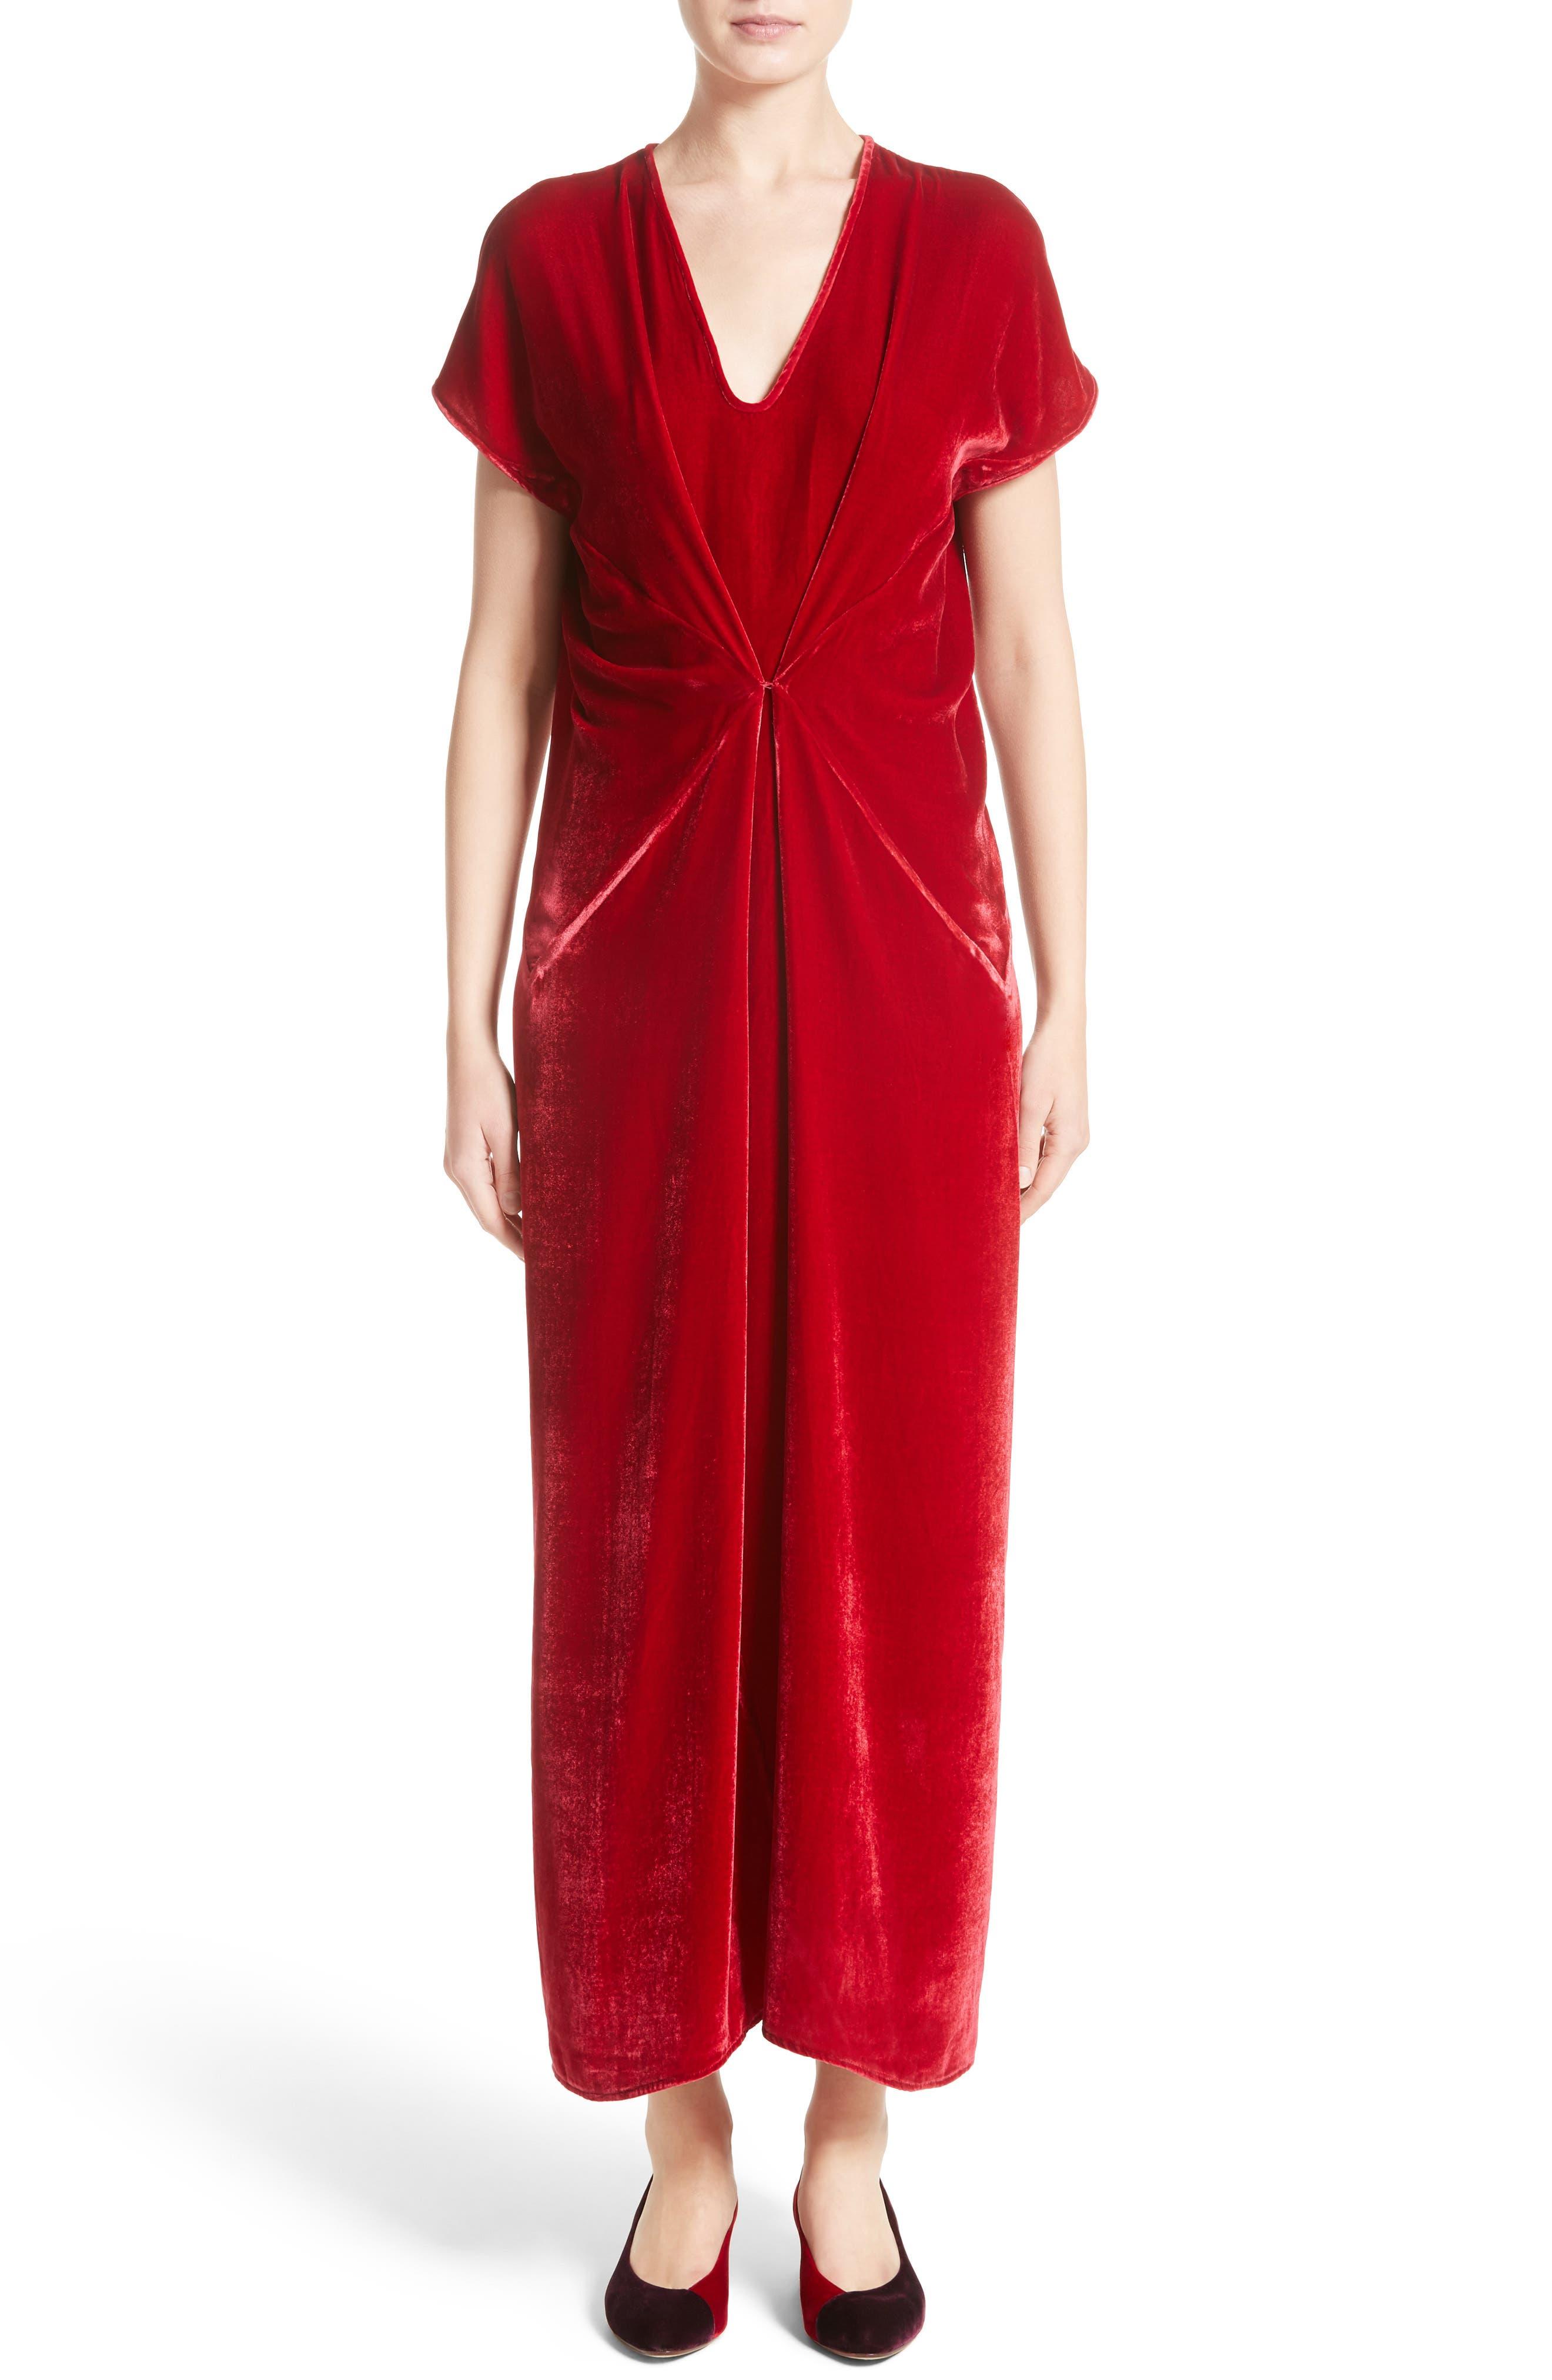 Sana Velvet Dress,                             Main thumbnail 1, color,                             600